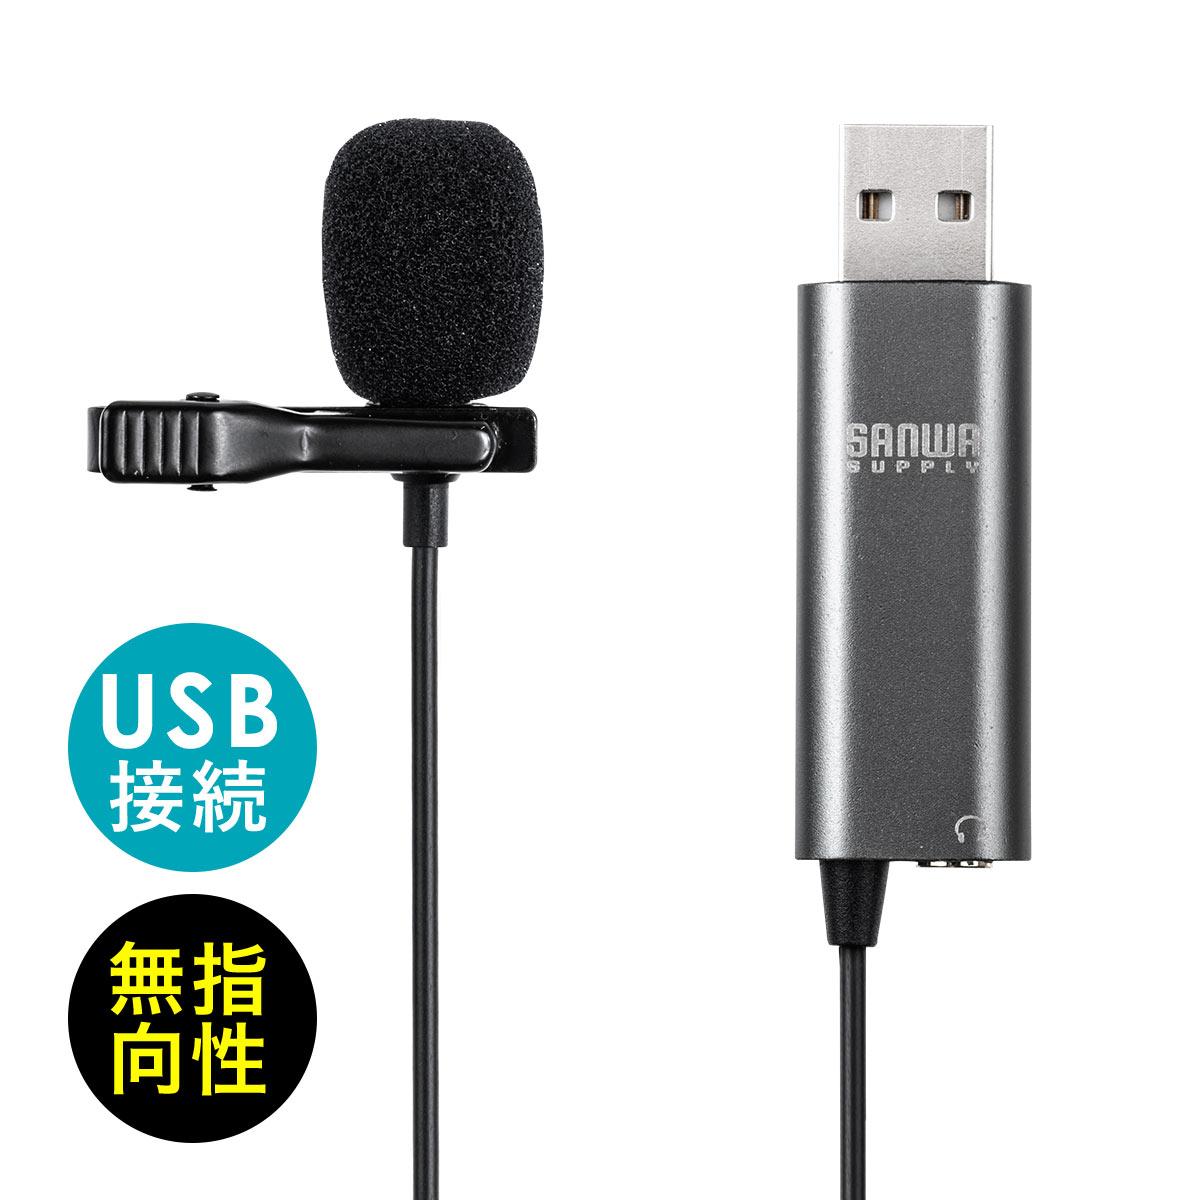 400-MC017 爆買いセール サンワダイレクト限定品 送料無料 クリップマイク 売り込み ピンマイク コンデンサーマイク ZOOM Tube Skype USB 高音質 You